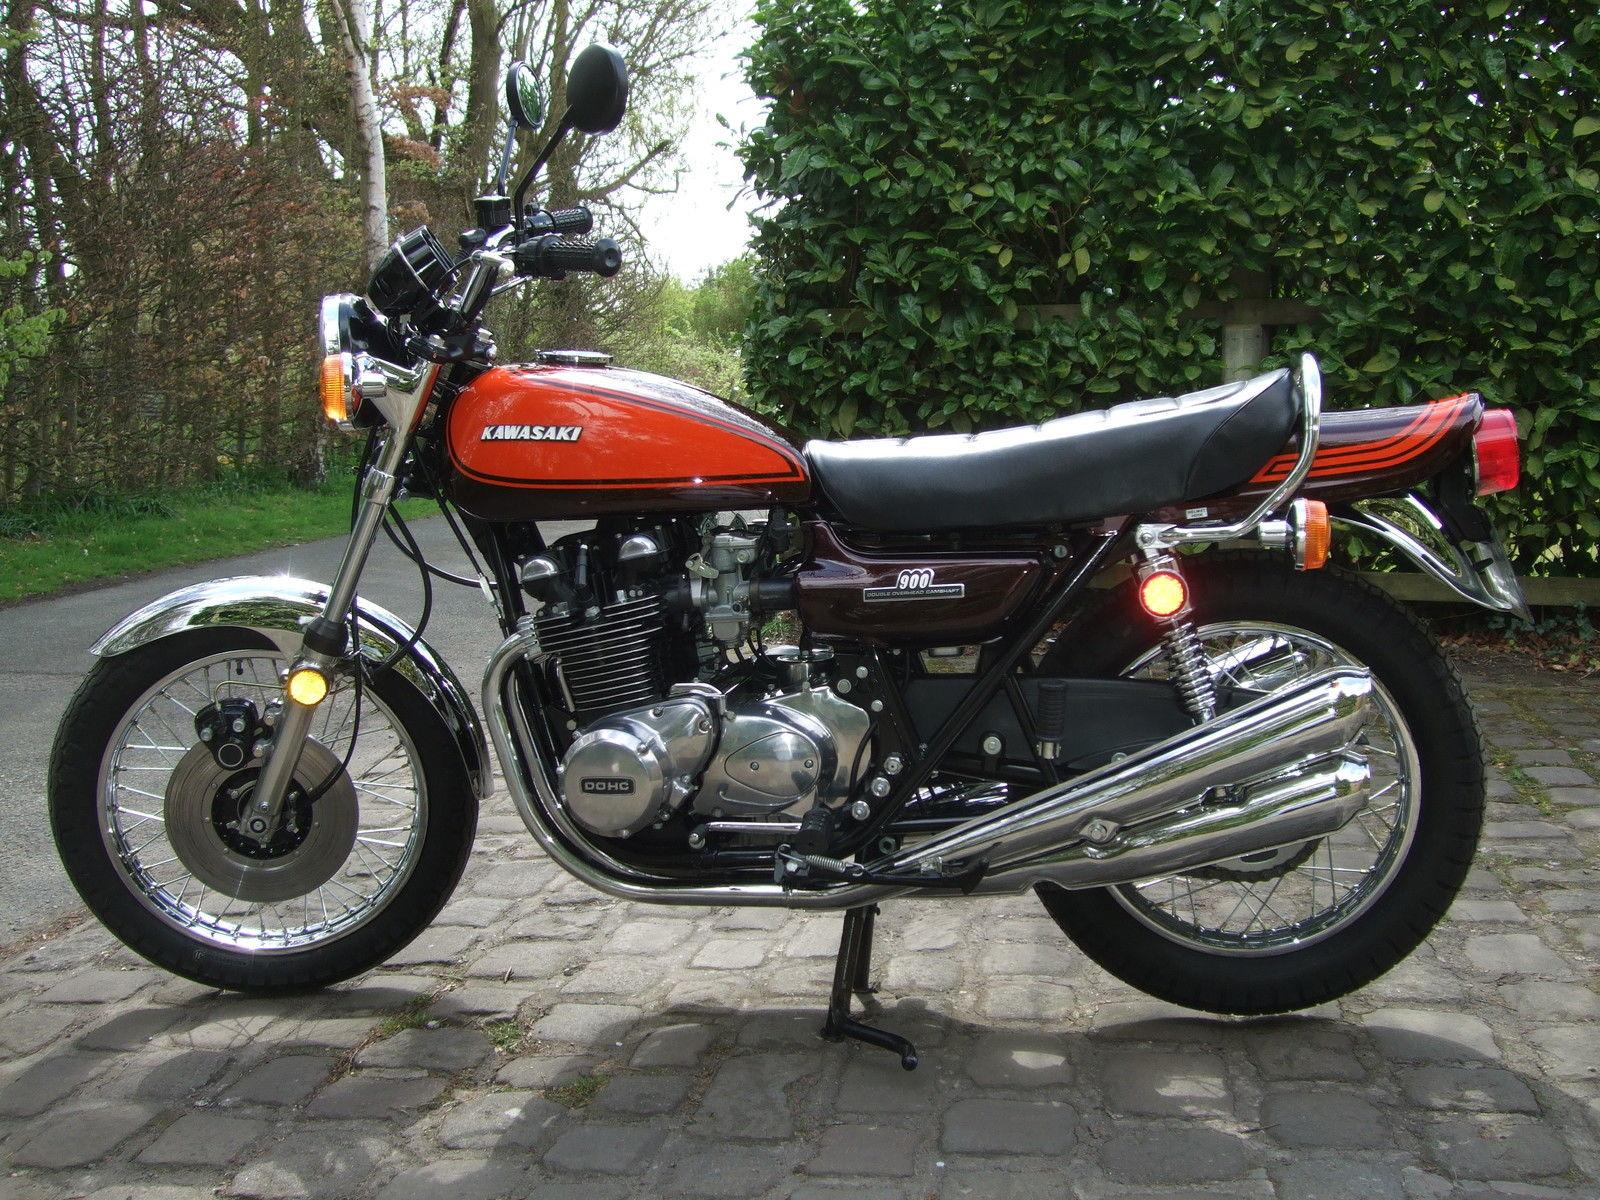 Restored Kawasaki Z1 1972 Photographs At Classic Bikes